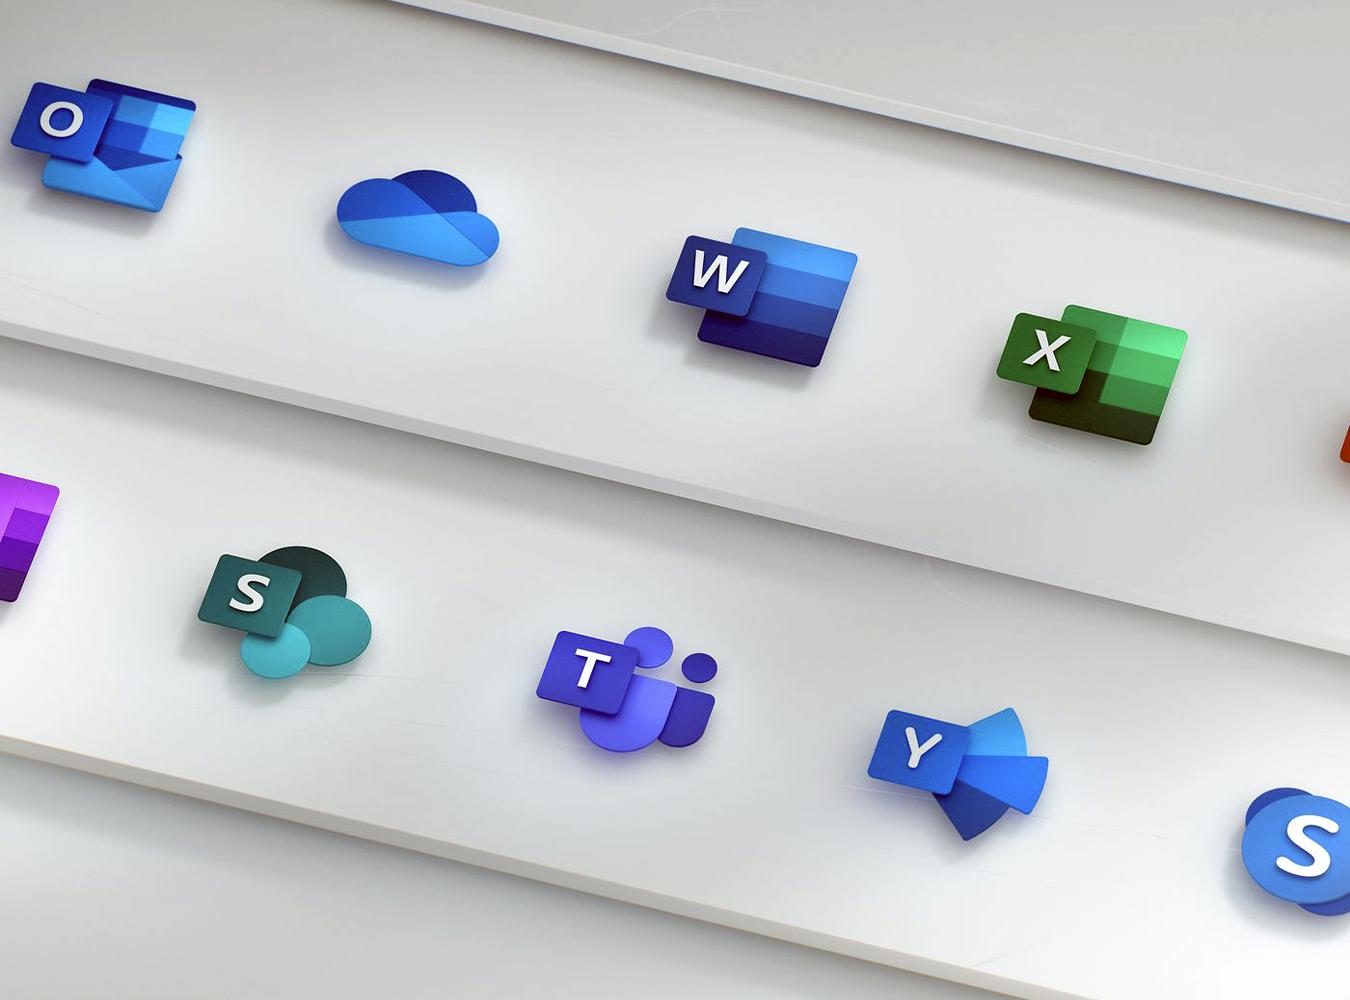 Активацйия Microsoft Office 2019 Pro Plus по телефону